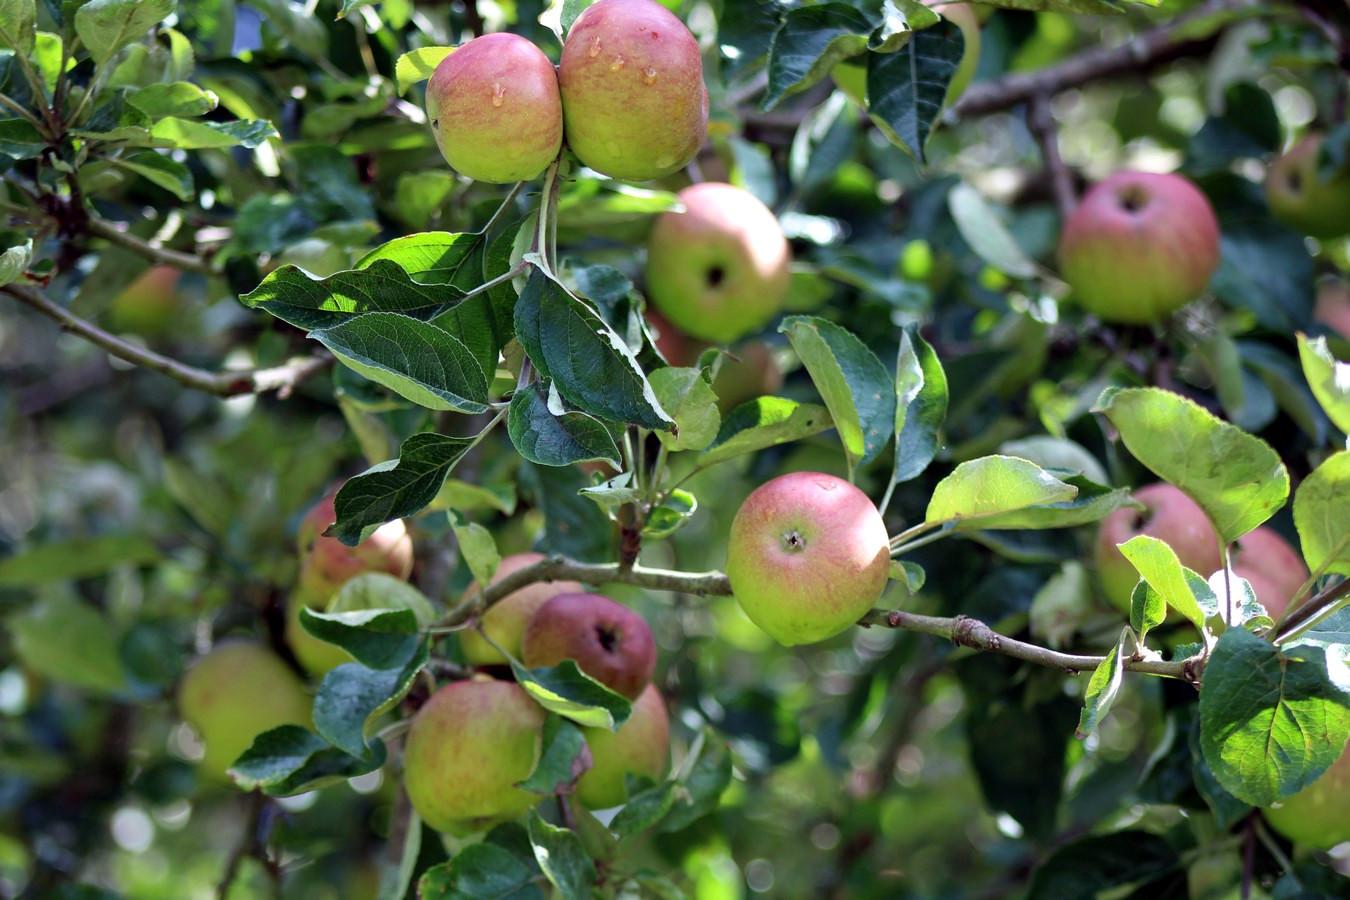 [Fil ouvert] Fruit sur l'arbre - Page 9 388681015Copier